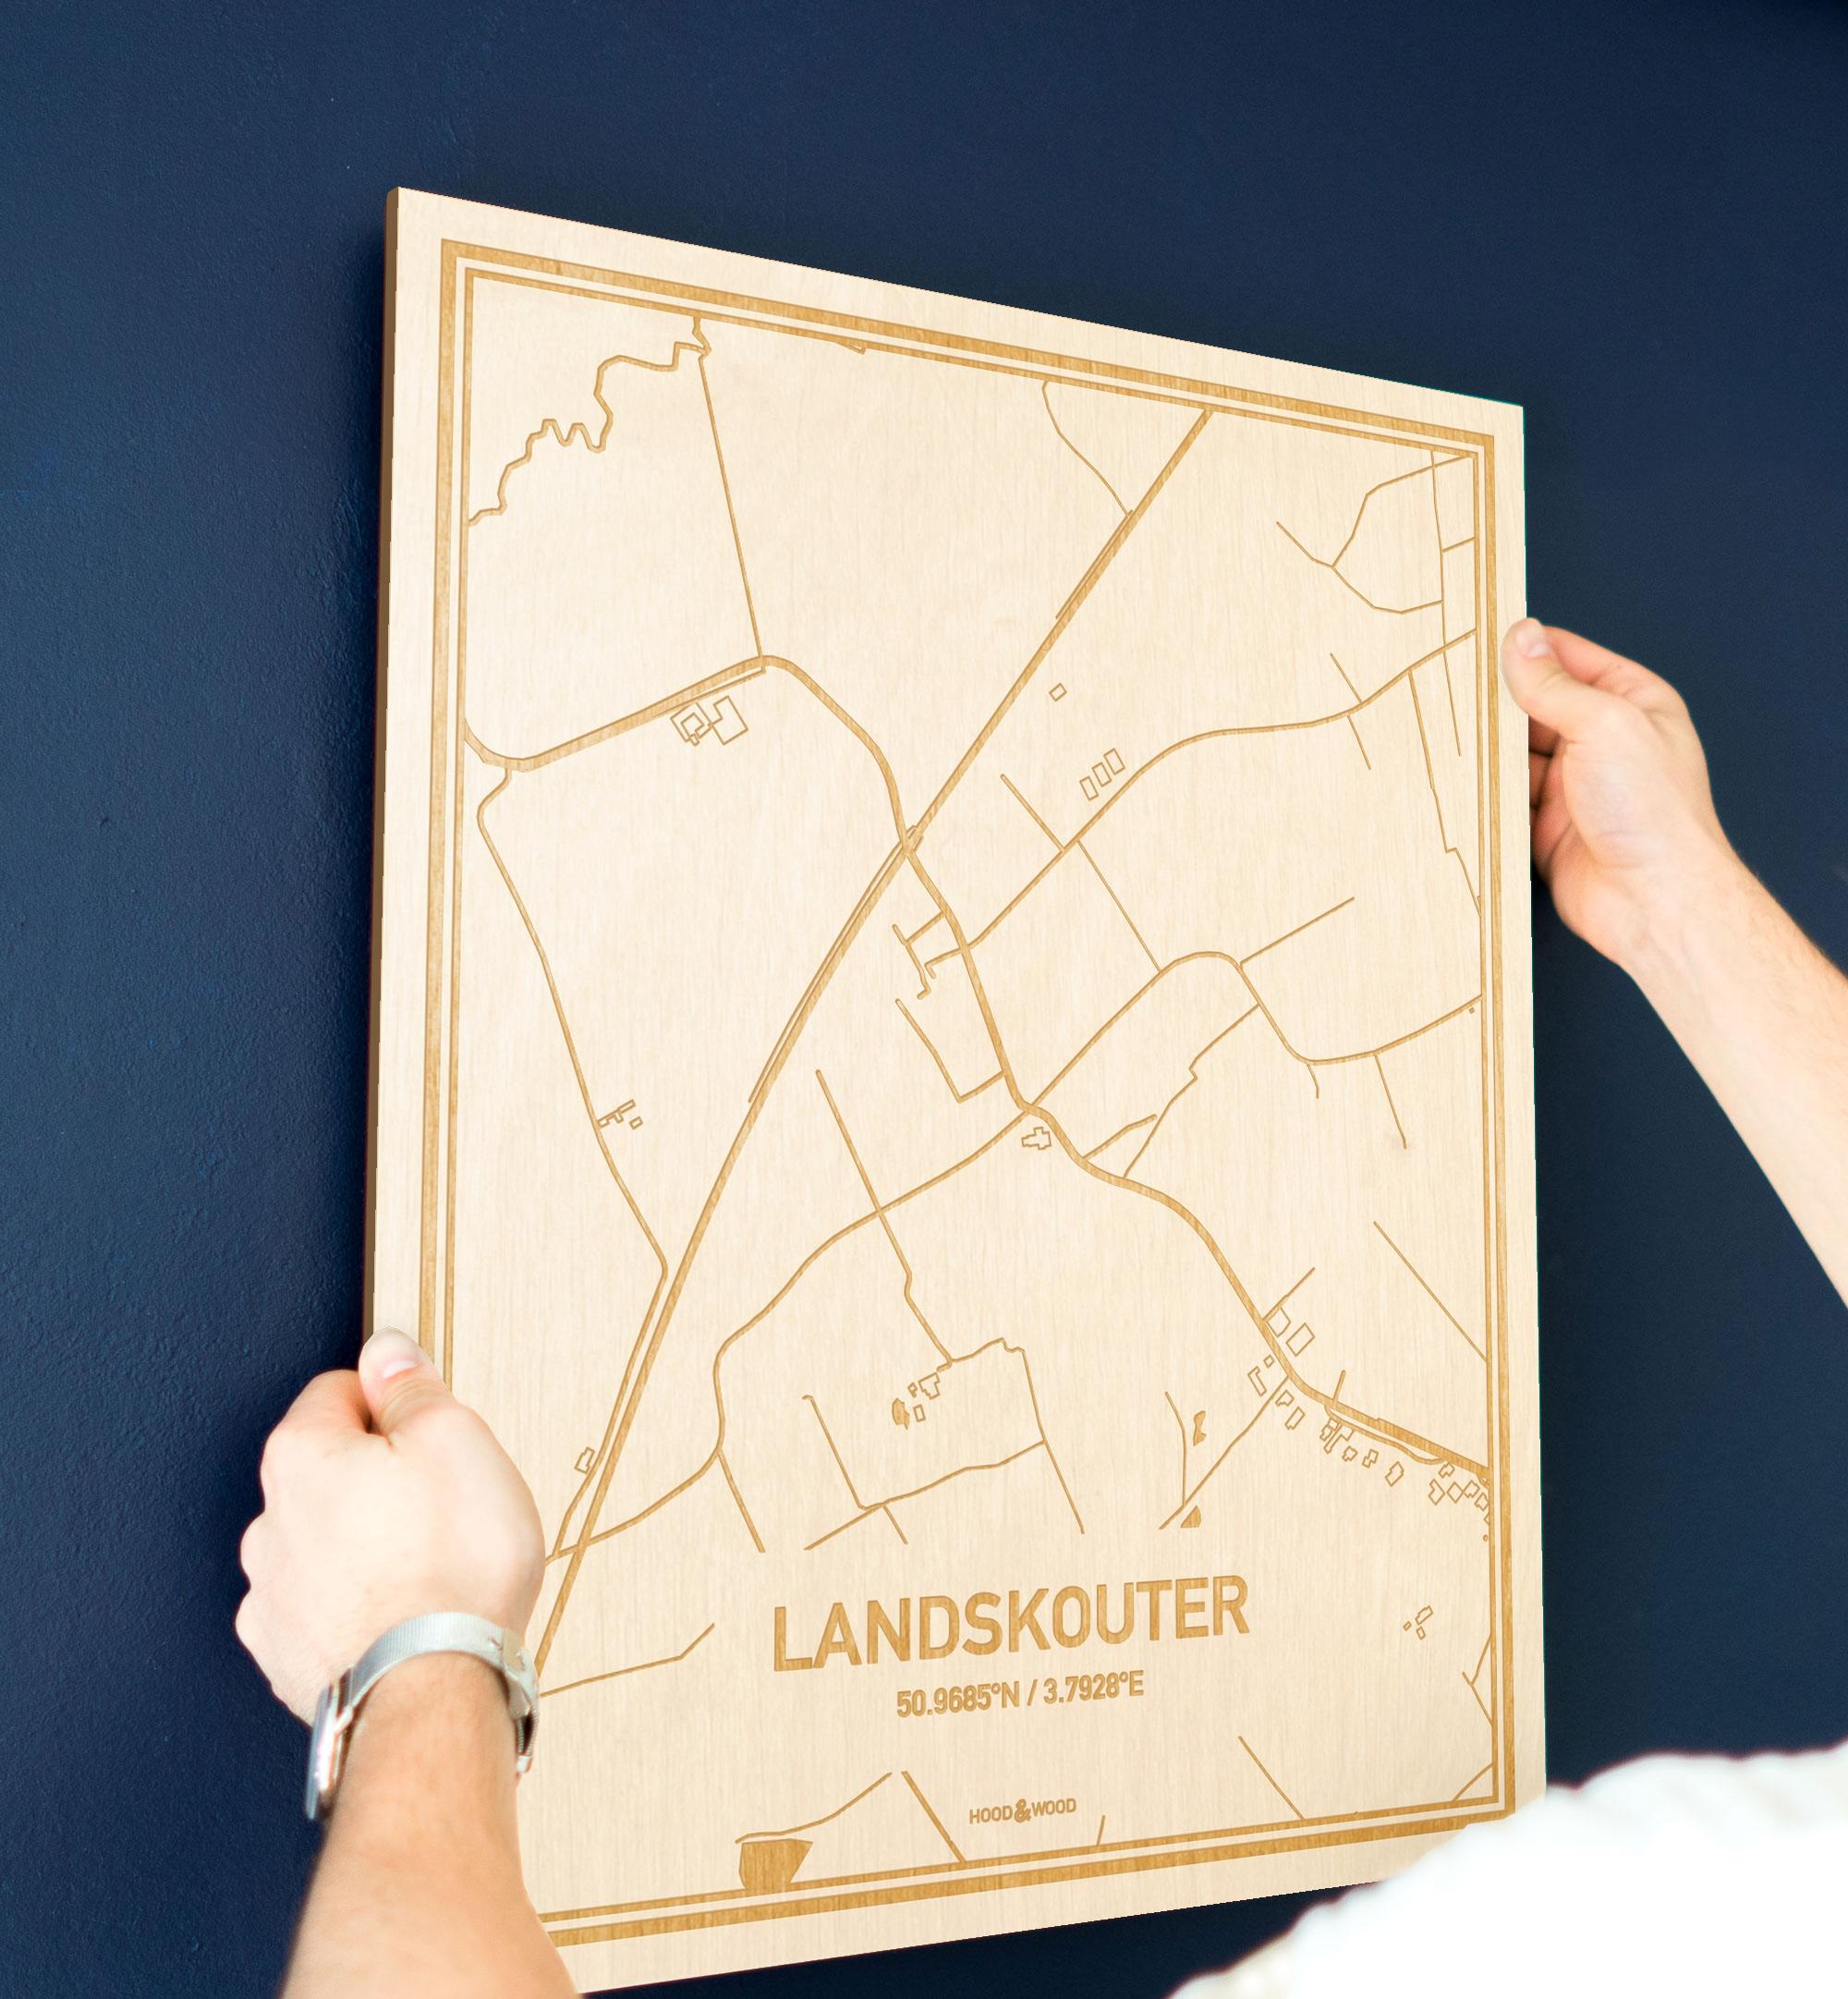 Een man hangt de houten plattegrond Landskouter aan zijn blauwe muur ter decoratie. Je ziet alleen zijn handen de kaart van deze bijzondere in Oost-Vlaanderen  vasthouden.